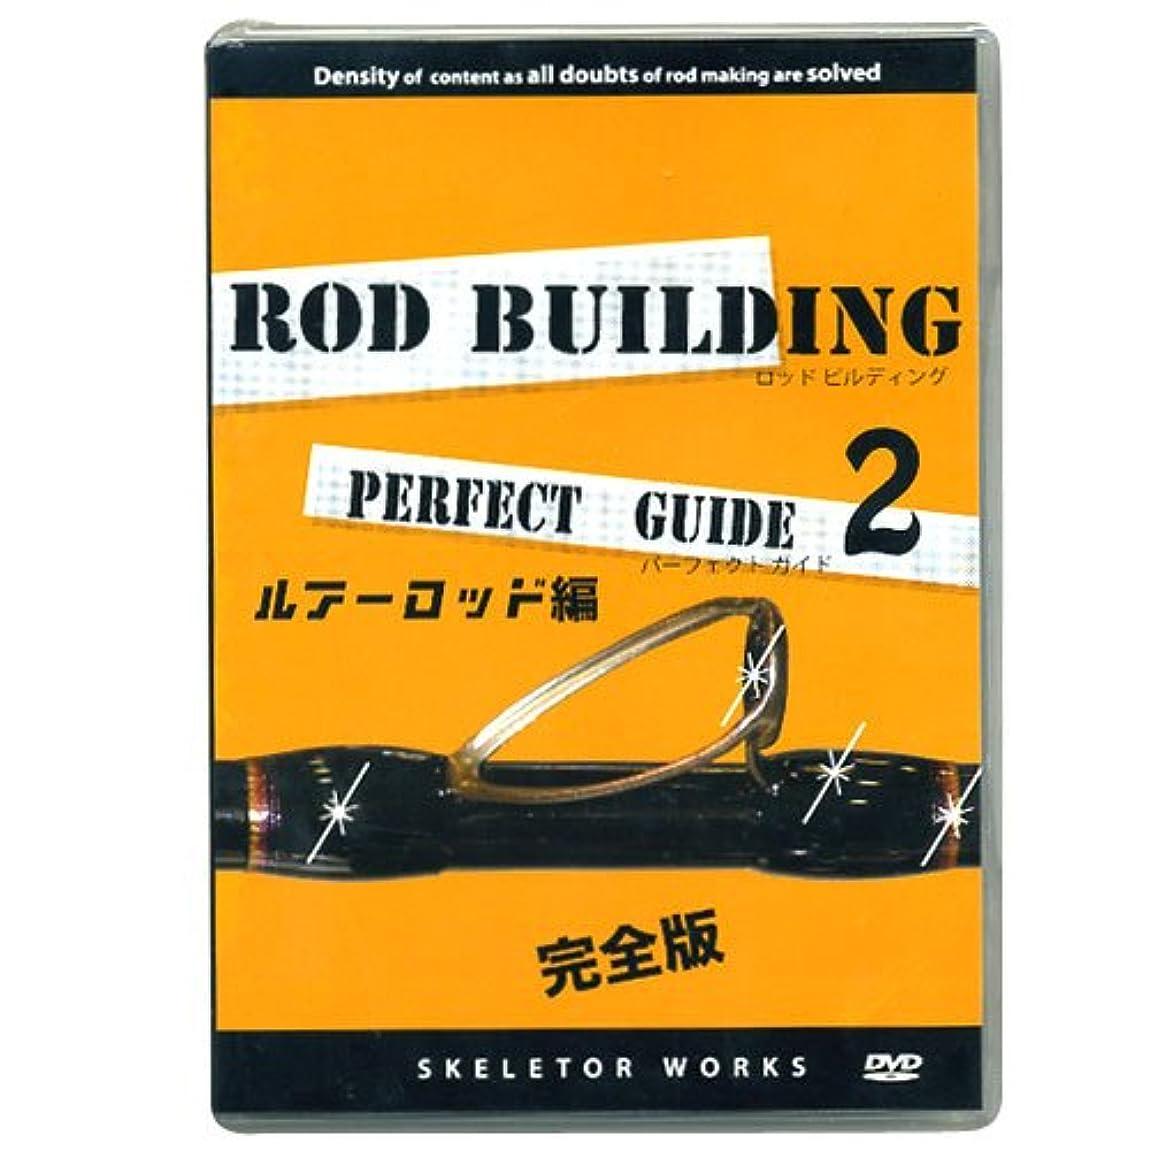 合理的メニュー天窓東邦産業 ロッド ビルディング パーフェクト ガイド 2 Rod Building Perfect Guide 2